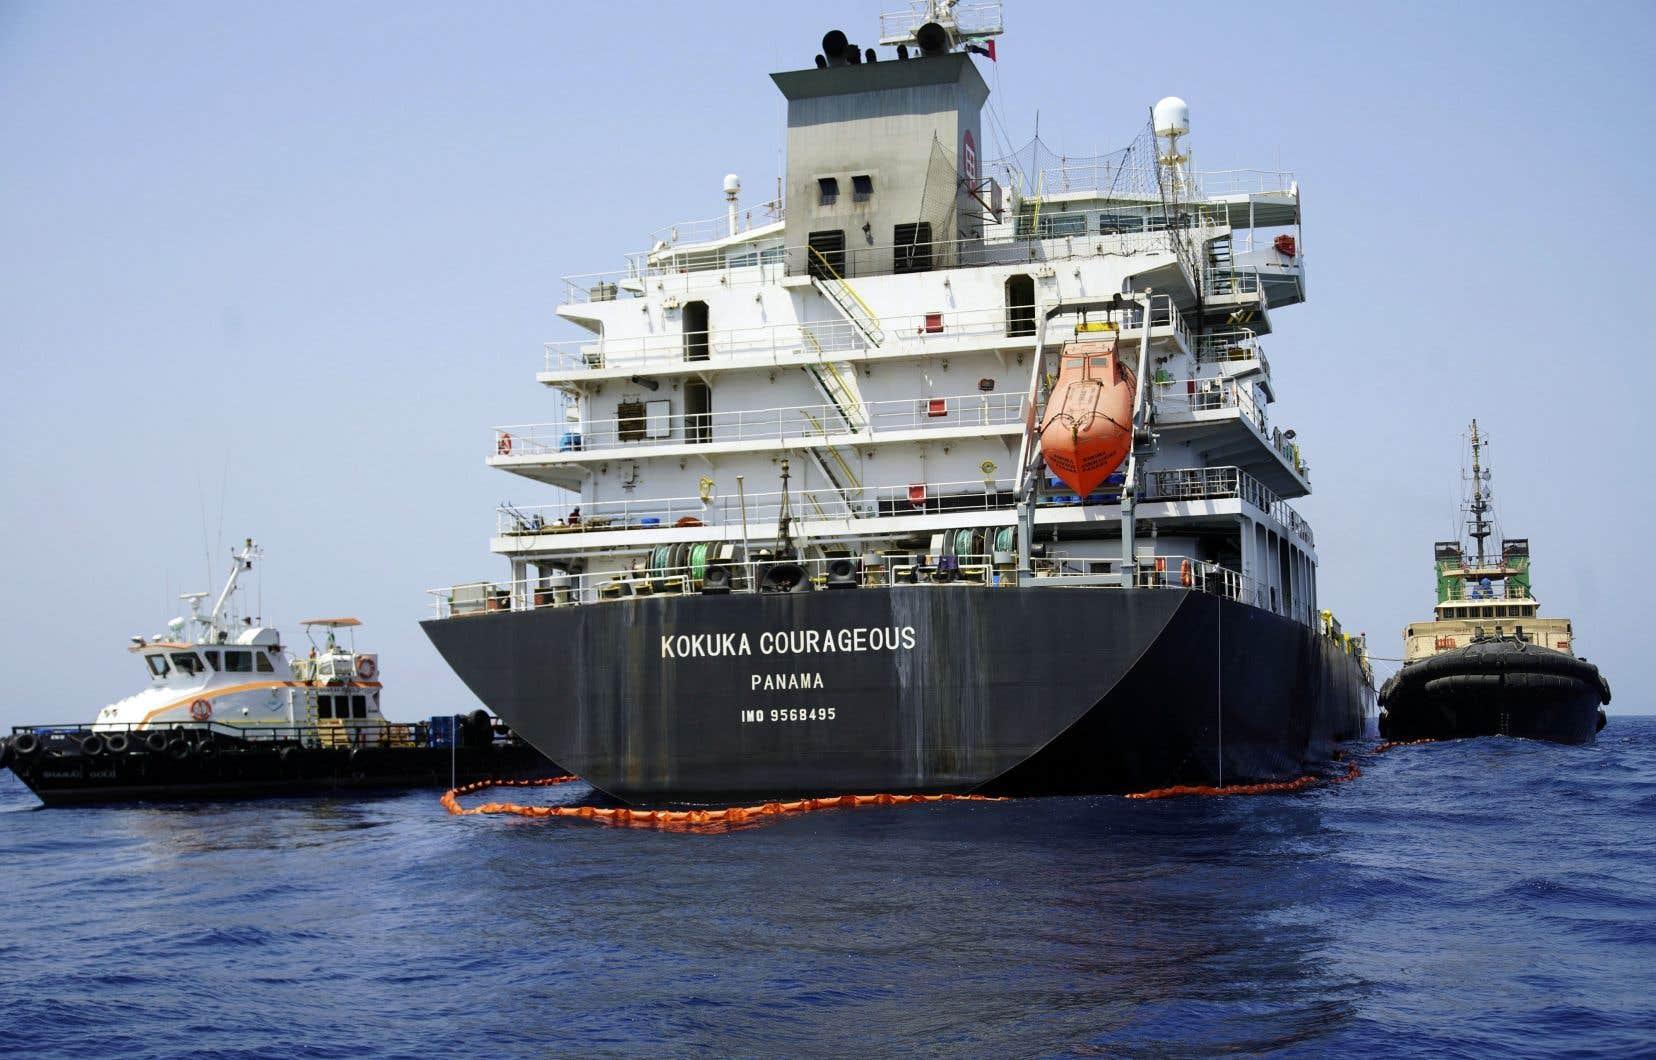 Amarré au port de la base navale américaine à Fujairah, dans les Émirats arabes unis, le Kokuka Courageous est entouré d'une barrière flottante de couleur orange, afin de retenir d'éventuelles fuites.